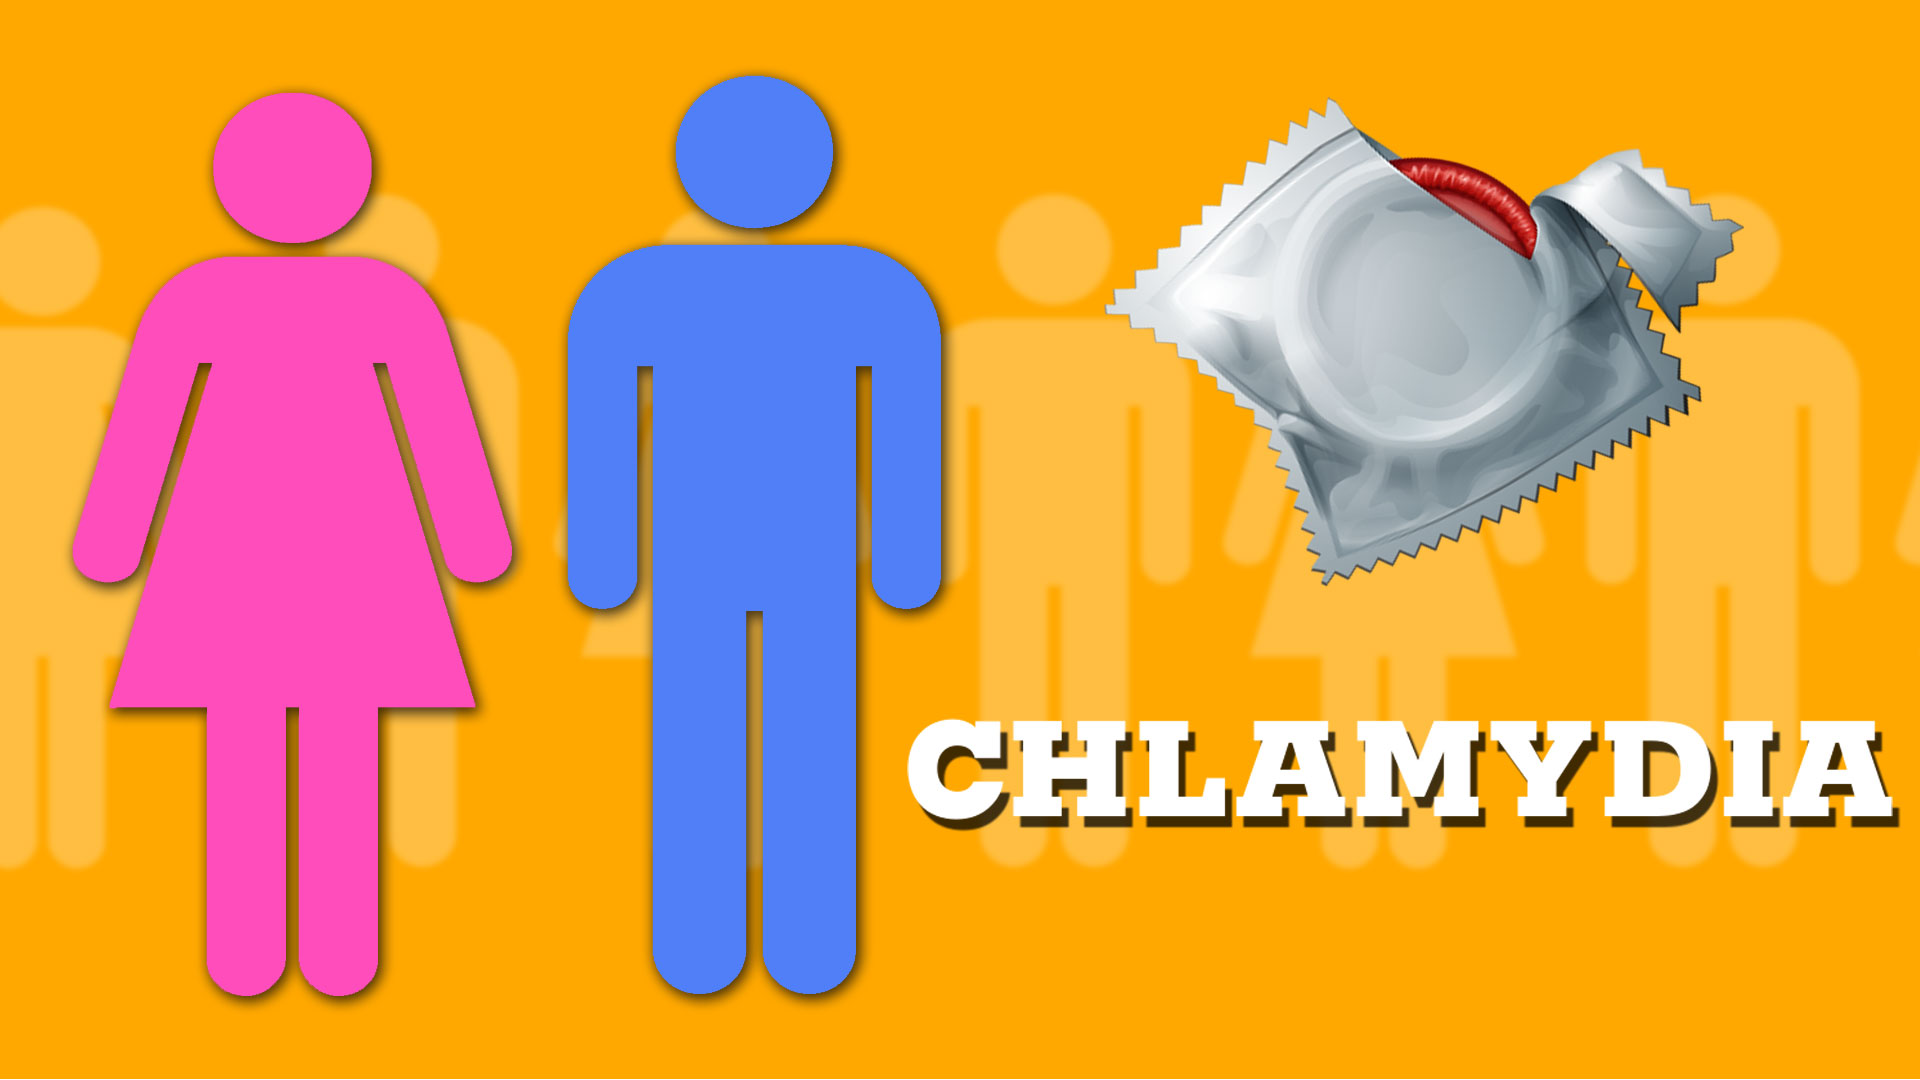 02.Chlamydia